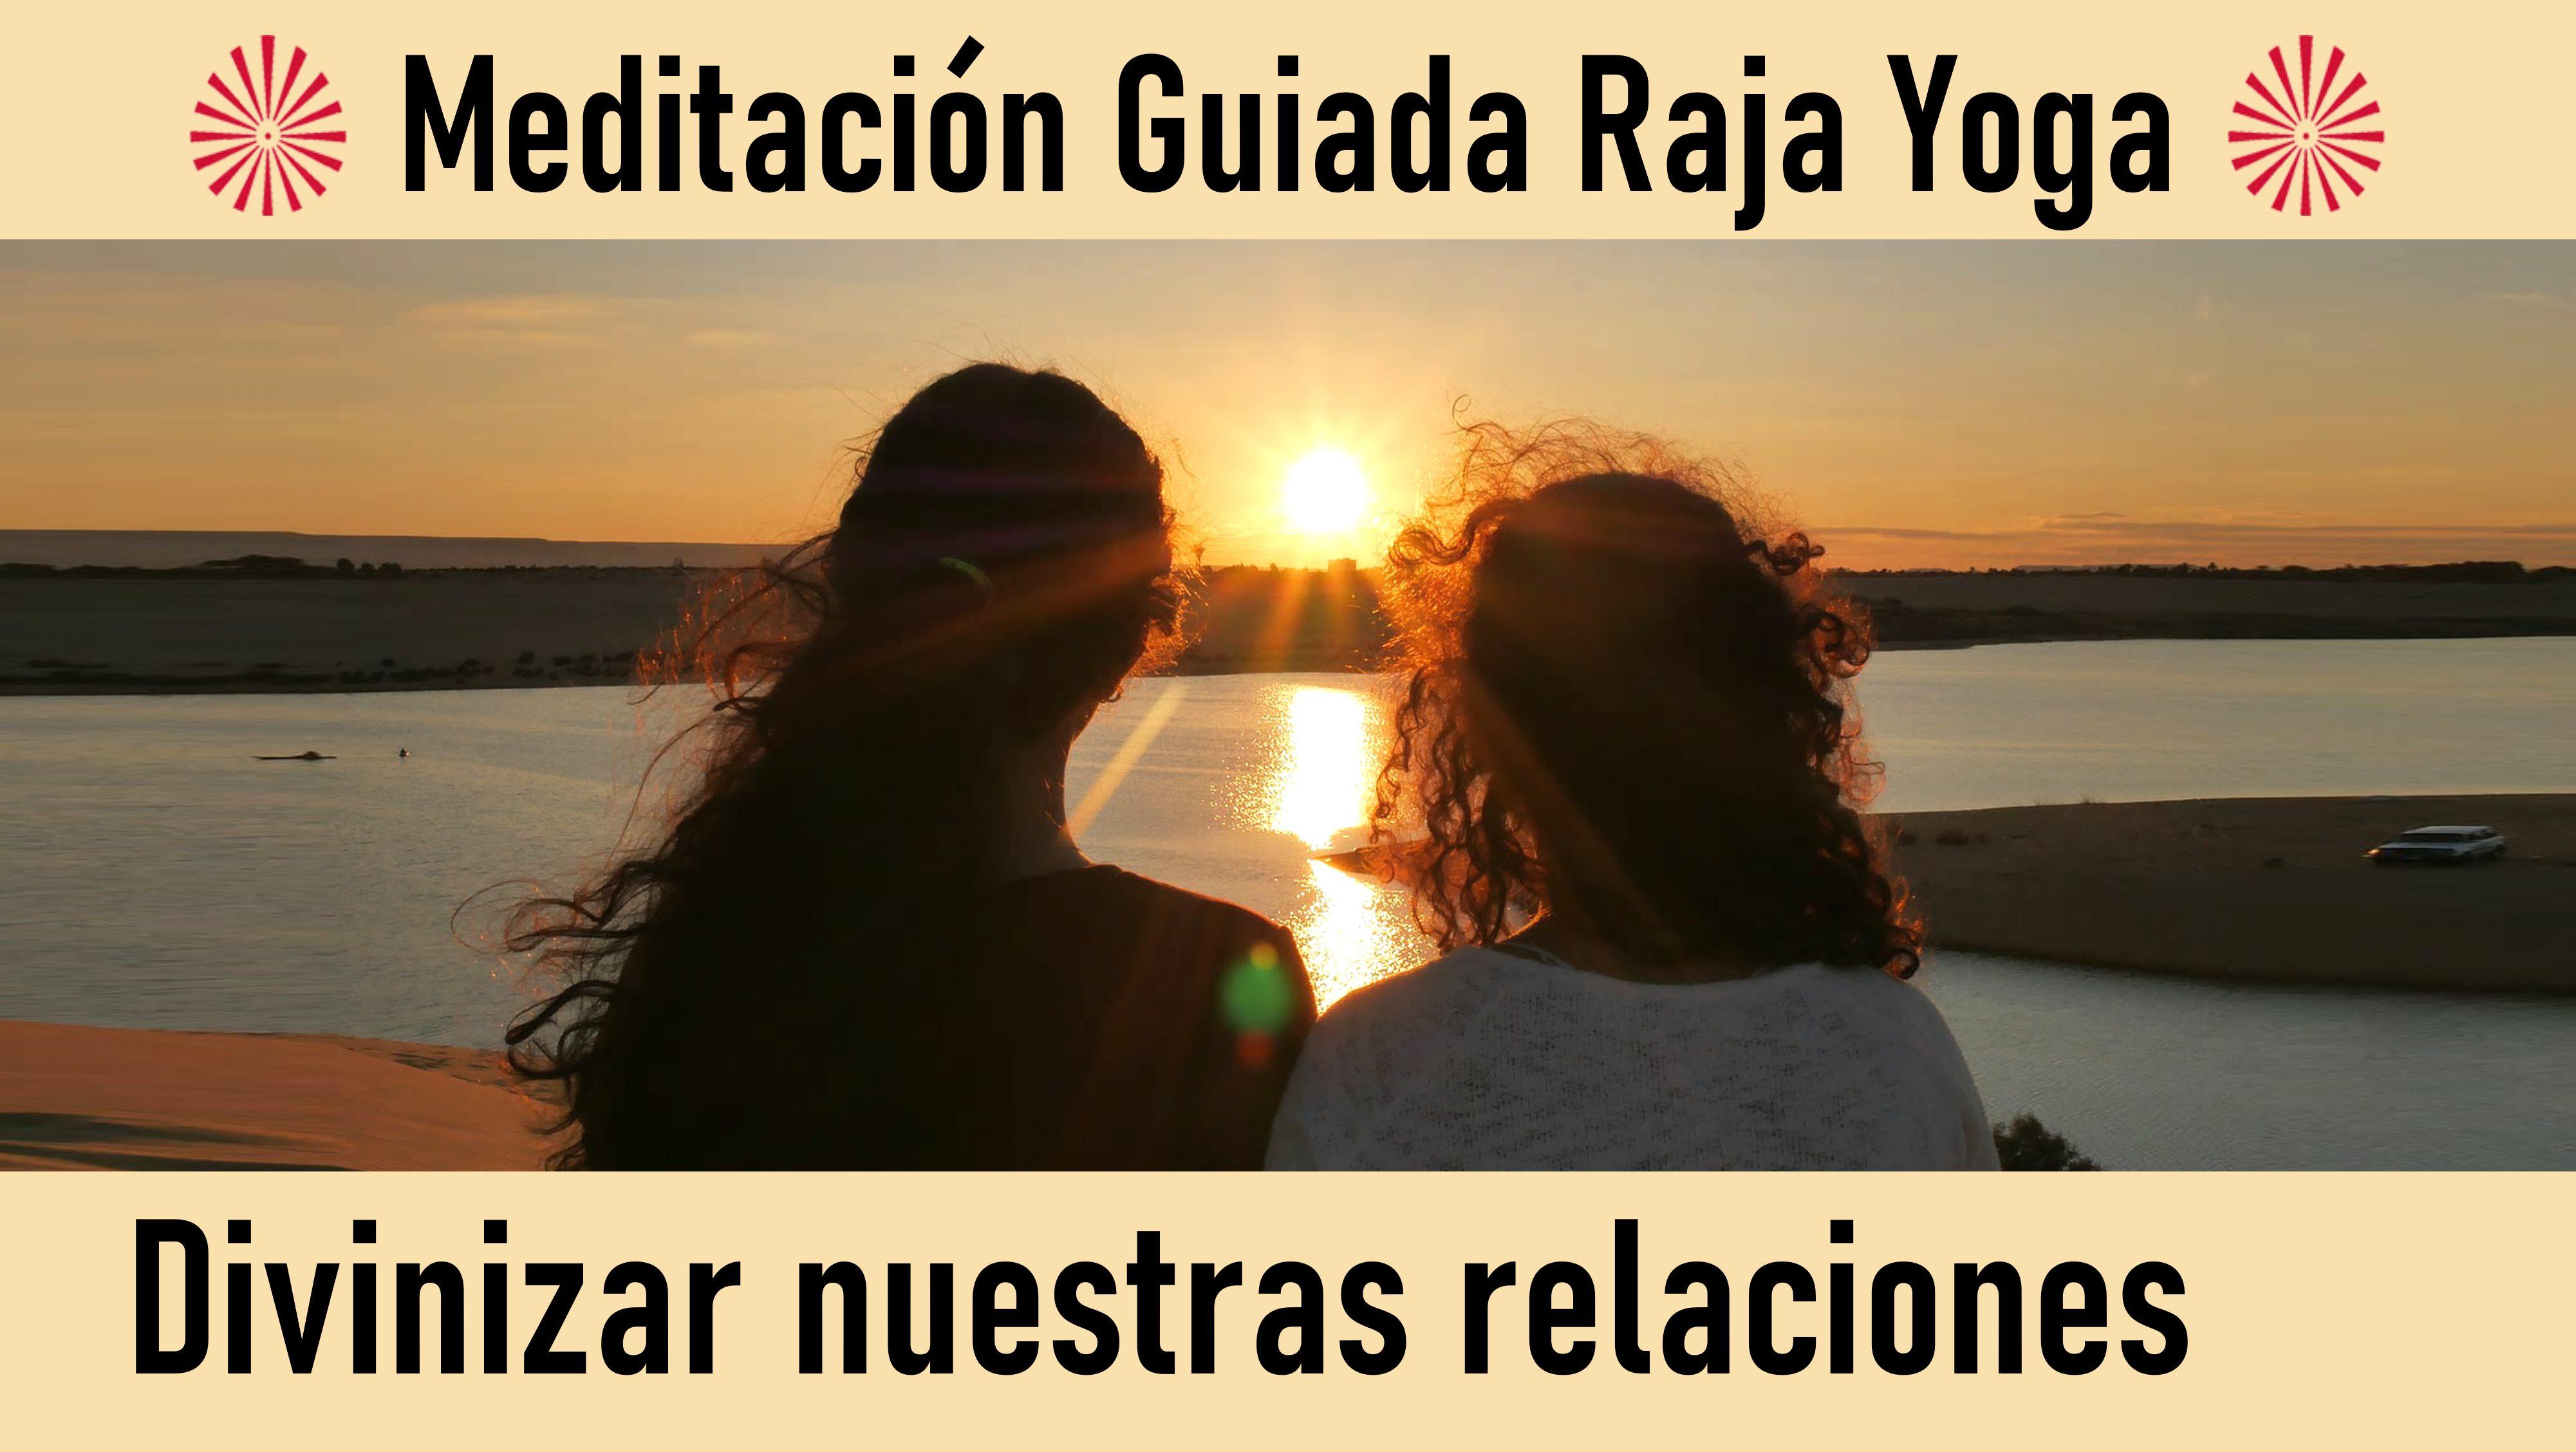 17 Julio 2020 Meditación guiada: Divinizar nuestras relaciones